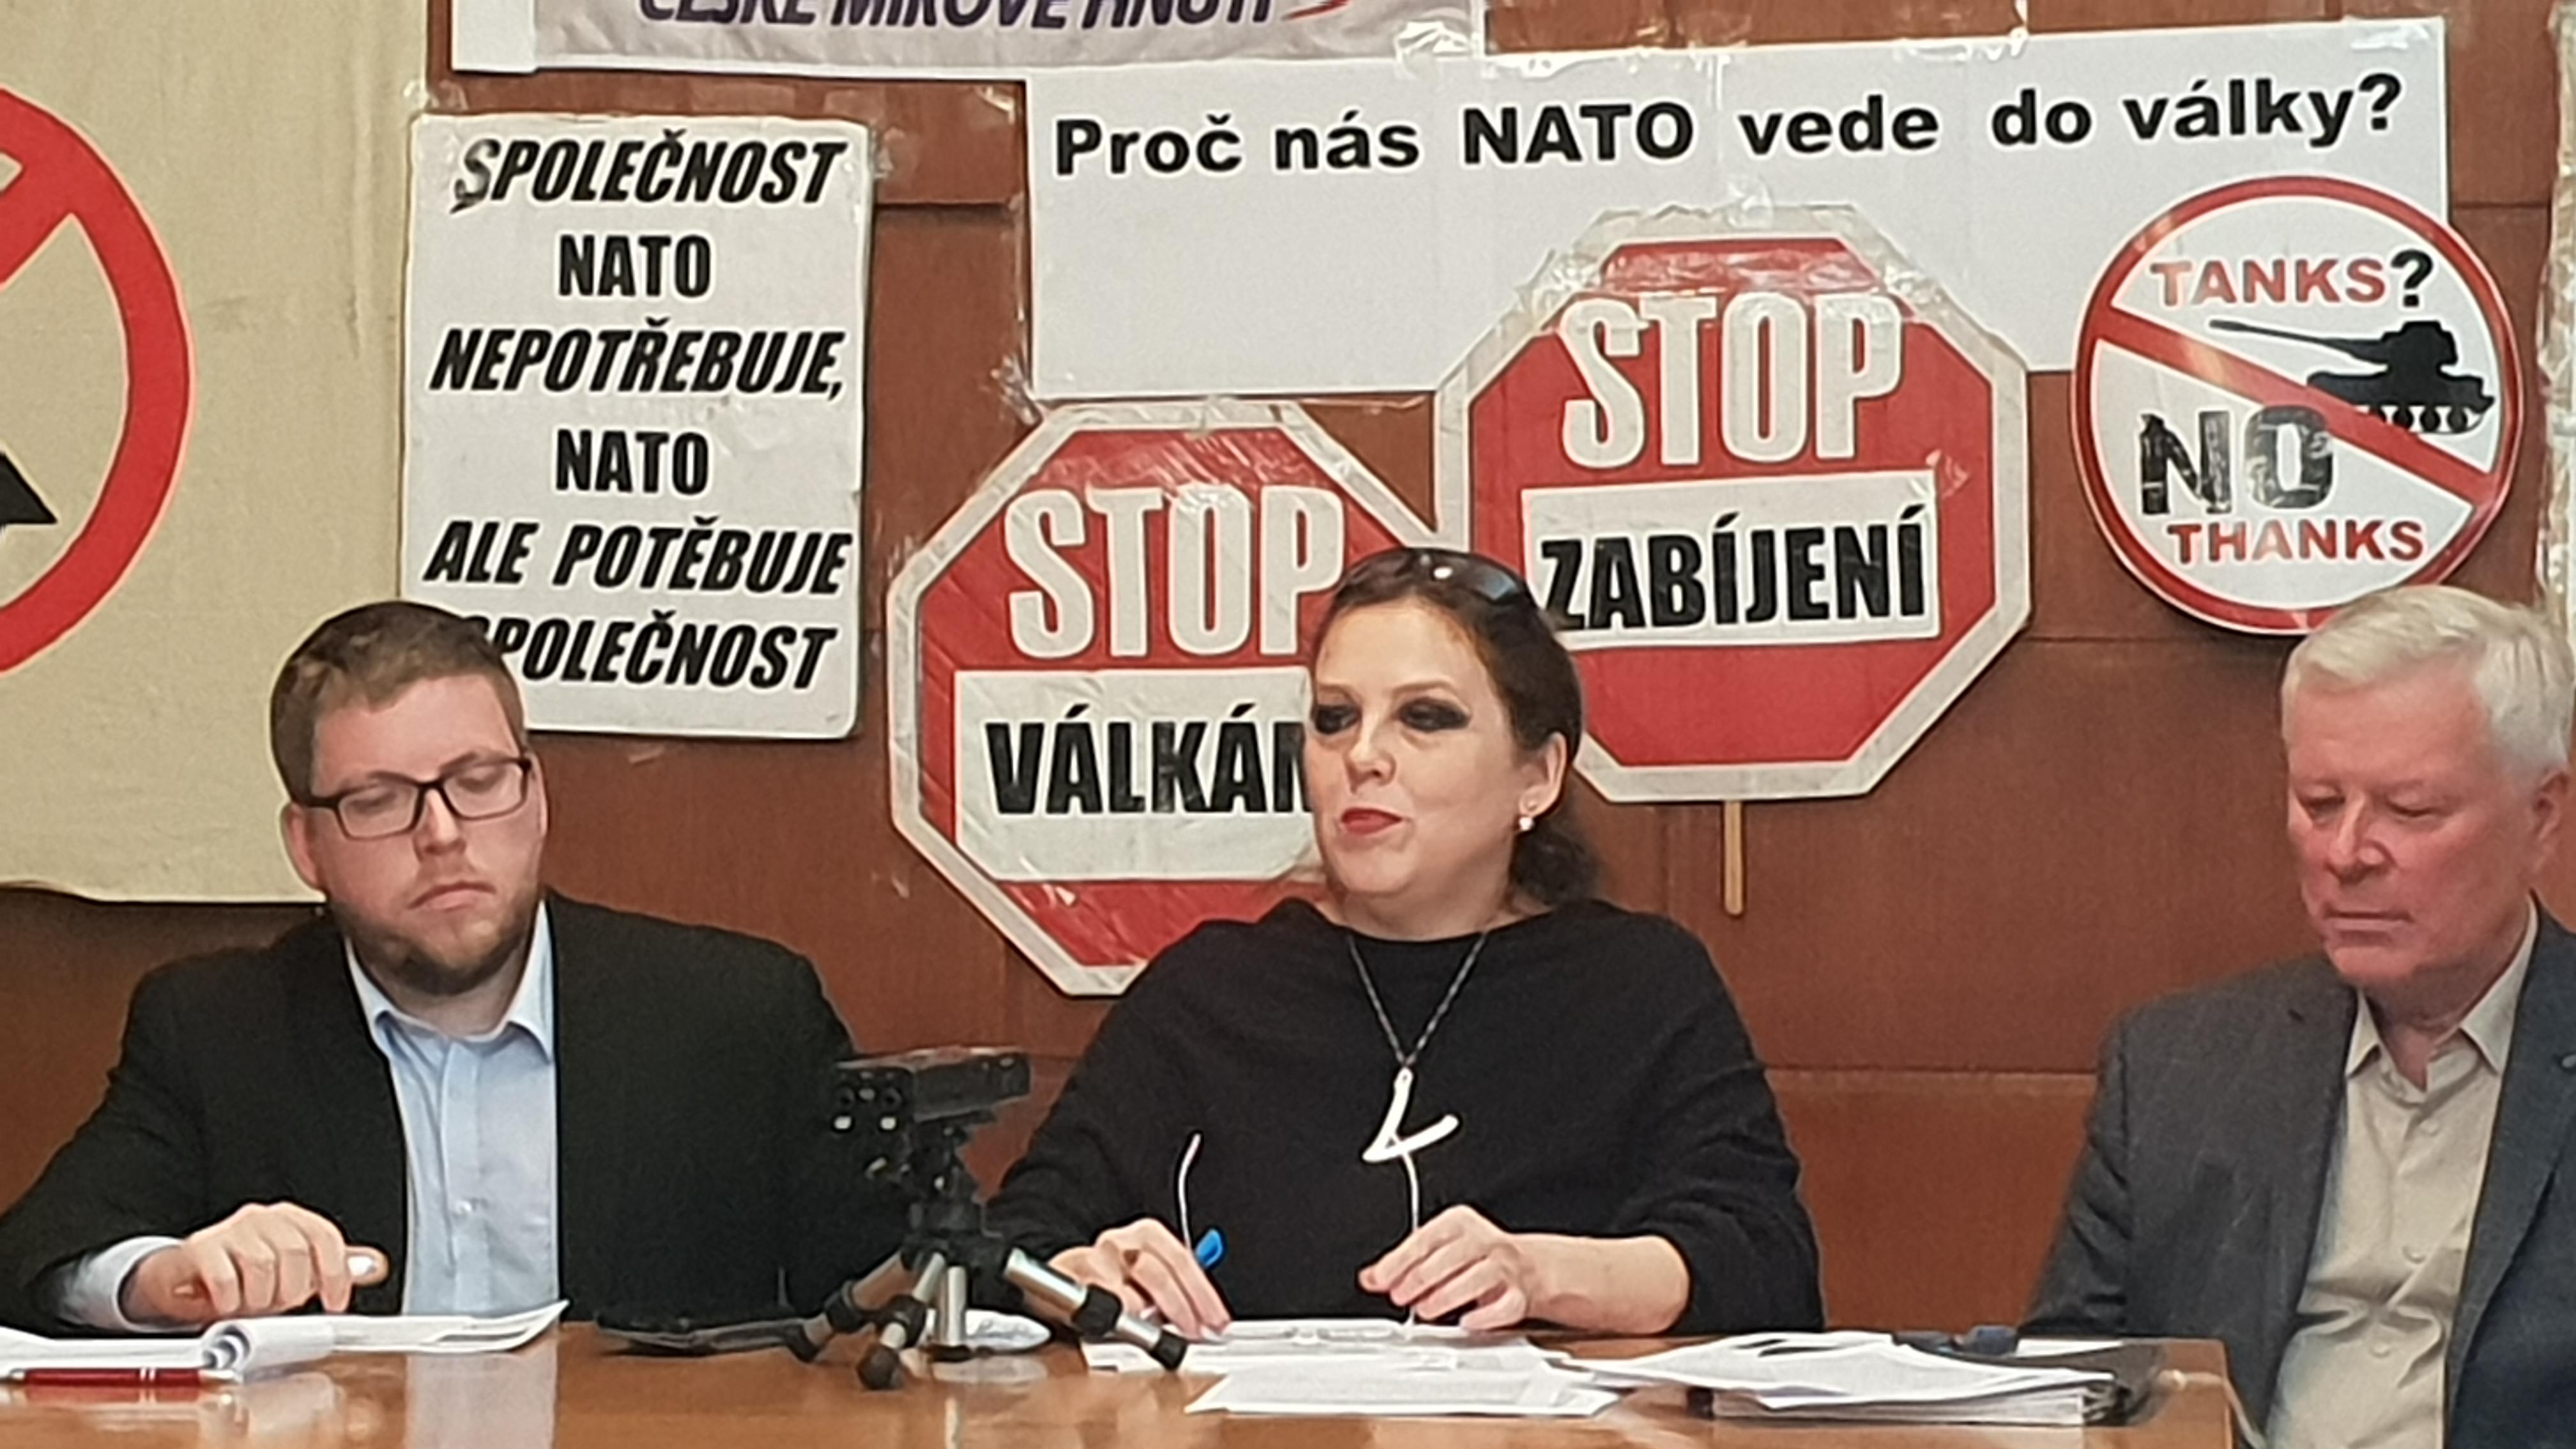 Tisková konference proti NATO v Domě odborových svazů v Praze